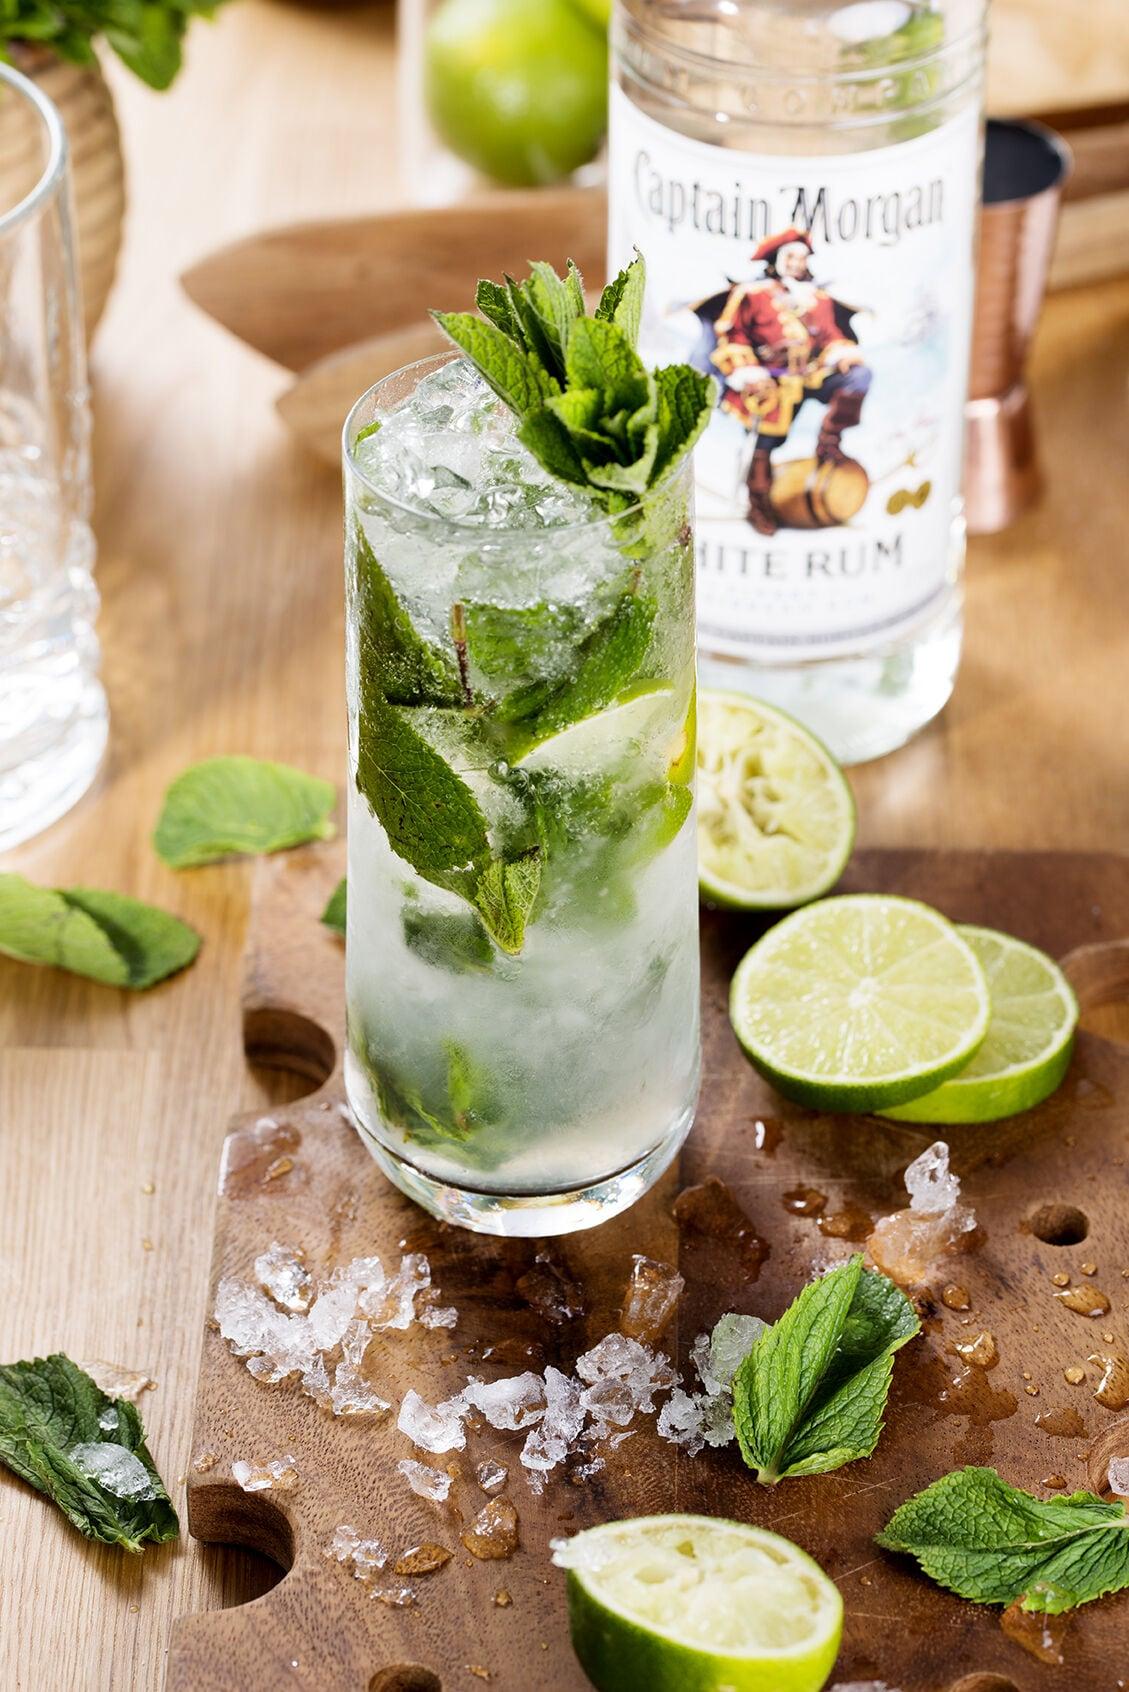 Een cocktail gemaakt met Captain Morgan White Rum